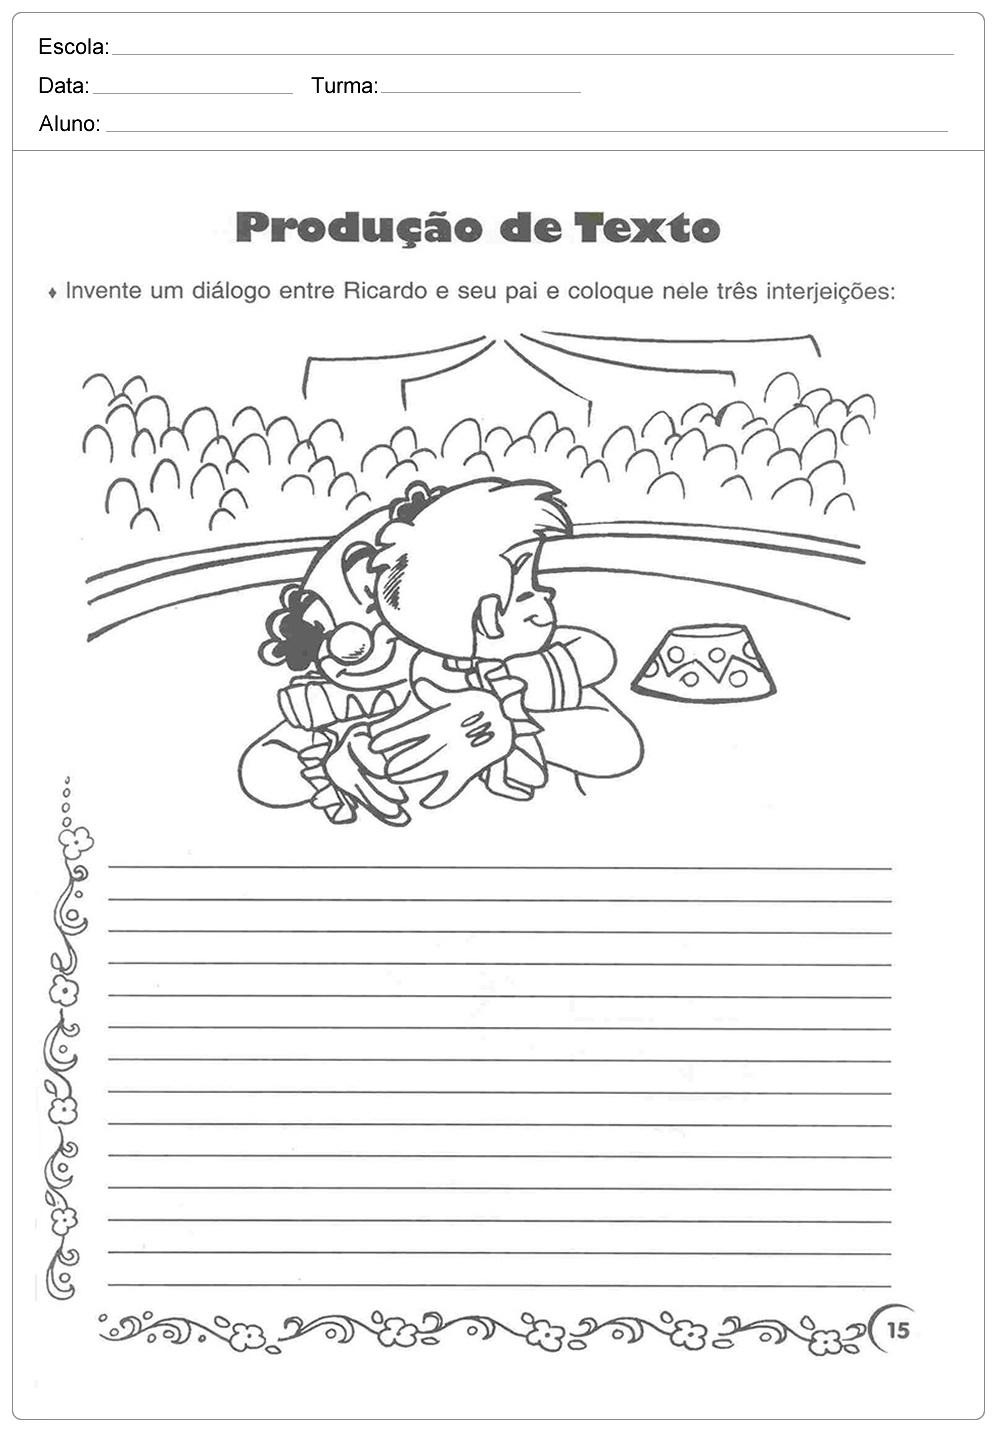 Produção de Texto para o Dia dos Pais para imprimir